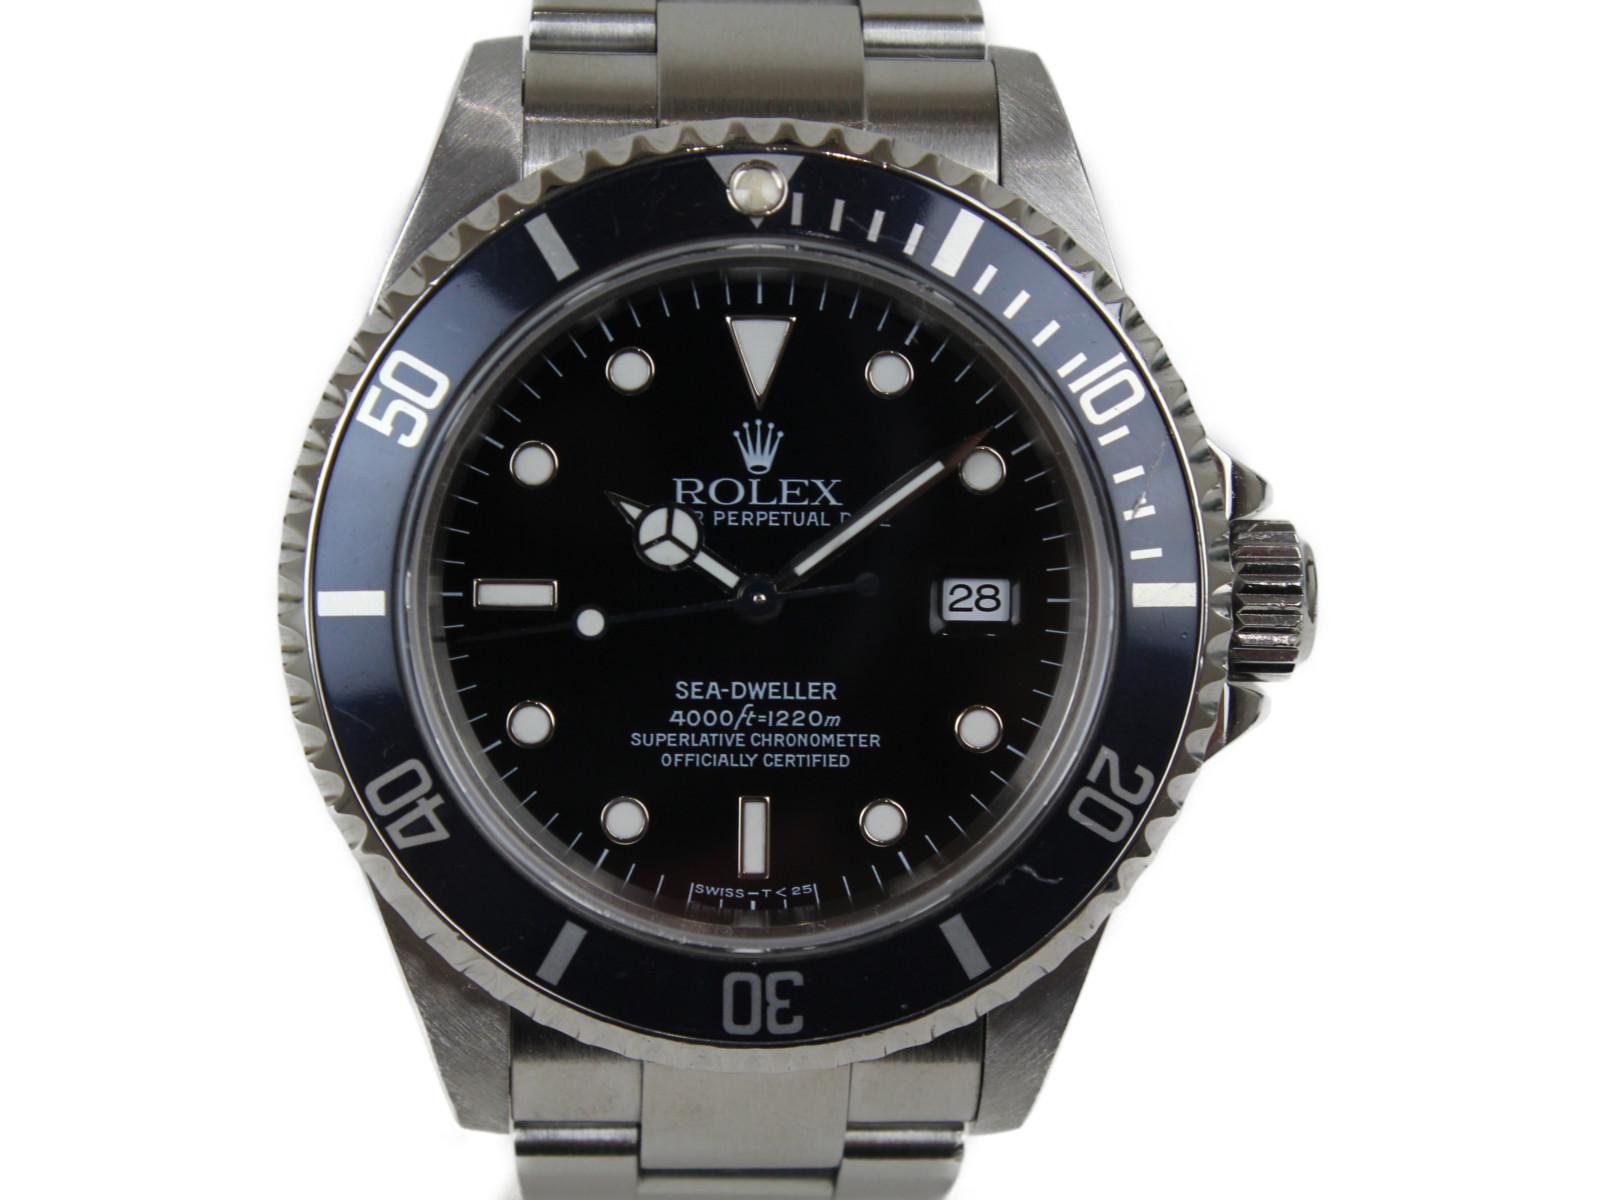 【箱あり】 ROLEX ロレックス シードゥエラー 16600 U番 SS ステンレススチール 自動巻き 腕時計 メンズ レディース ユニセックス 黒ベゼル【中古】